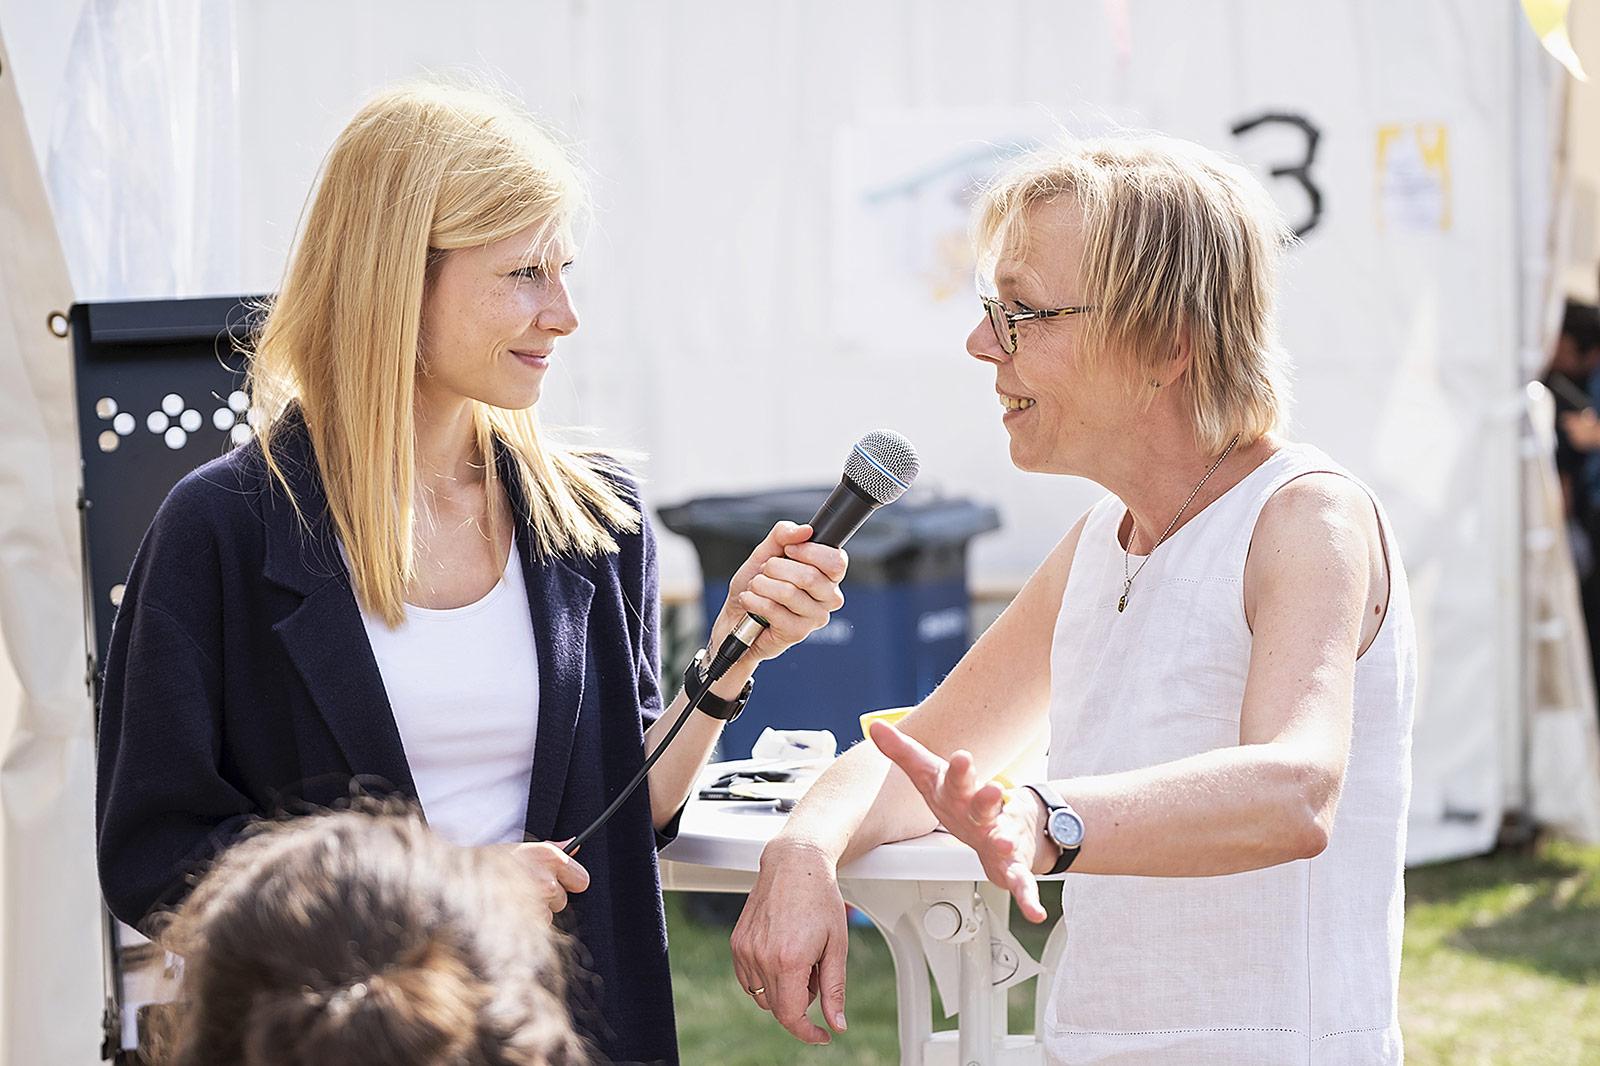 Marie Illner (l.) sprach beim Speedtalk mit Kolleginnen und Kollegen.   Foto: Alexander Schneider